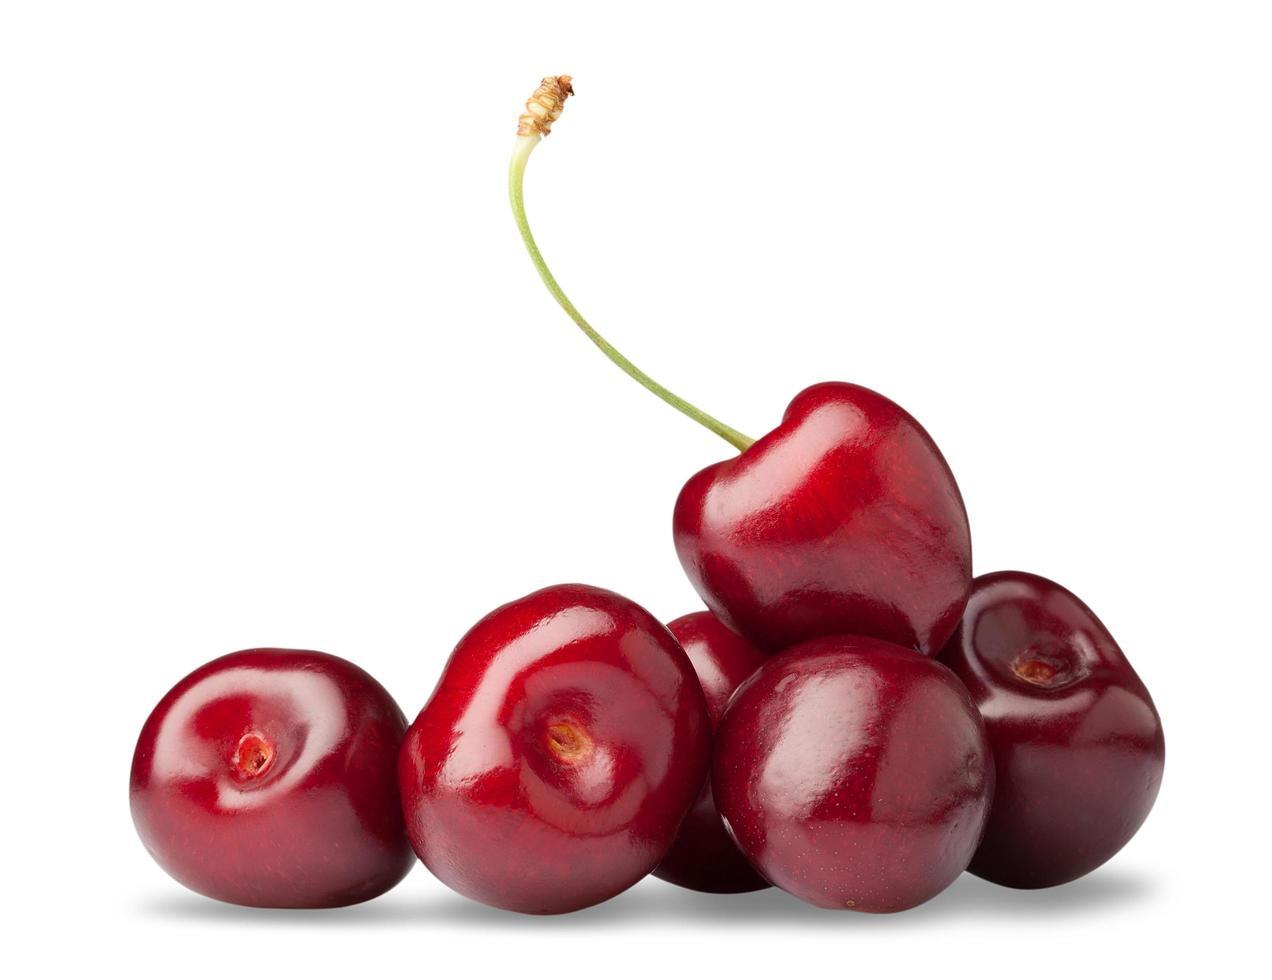 en handfull röd körsbär foto